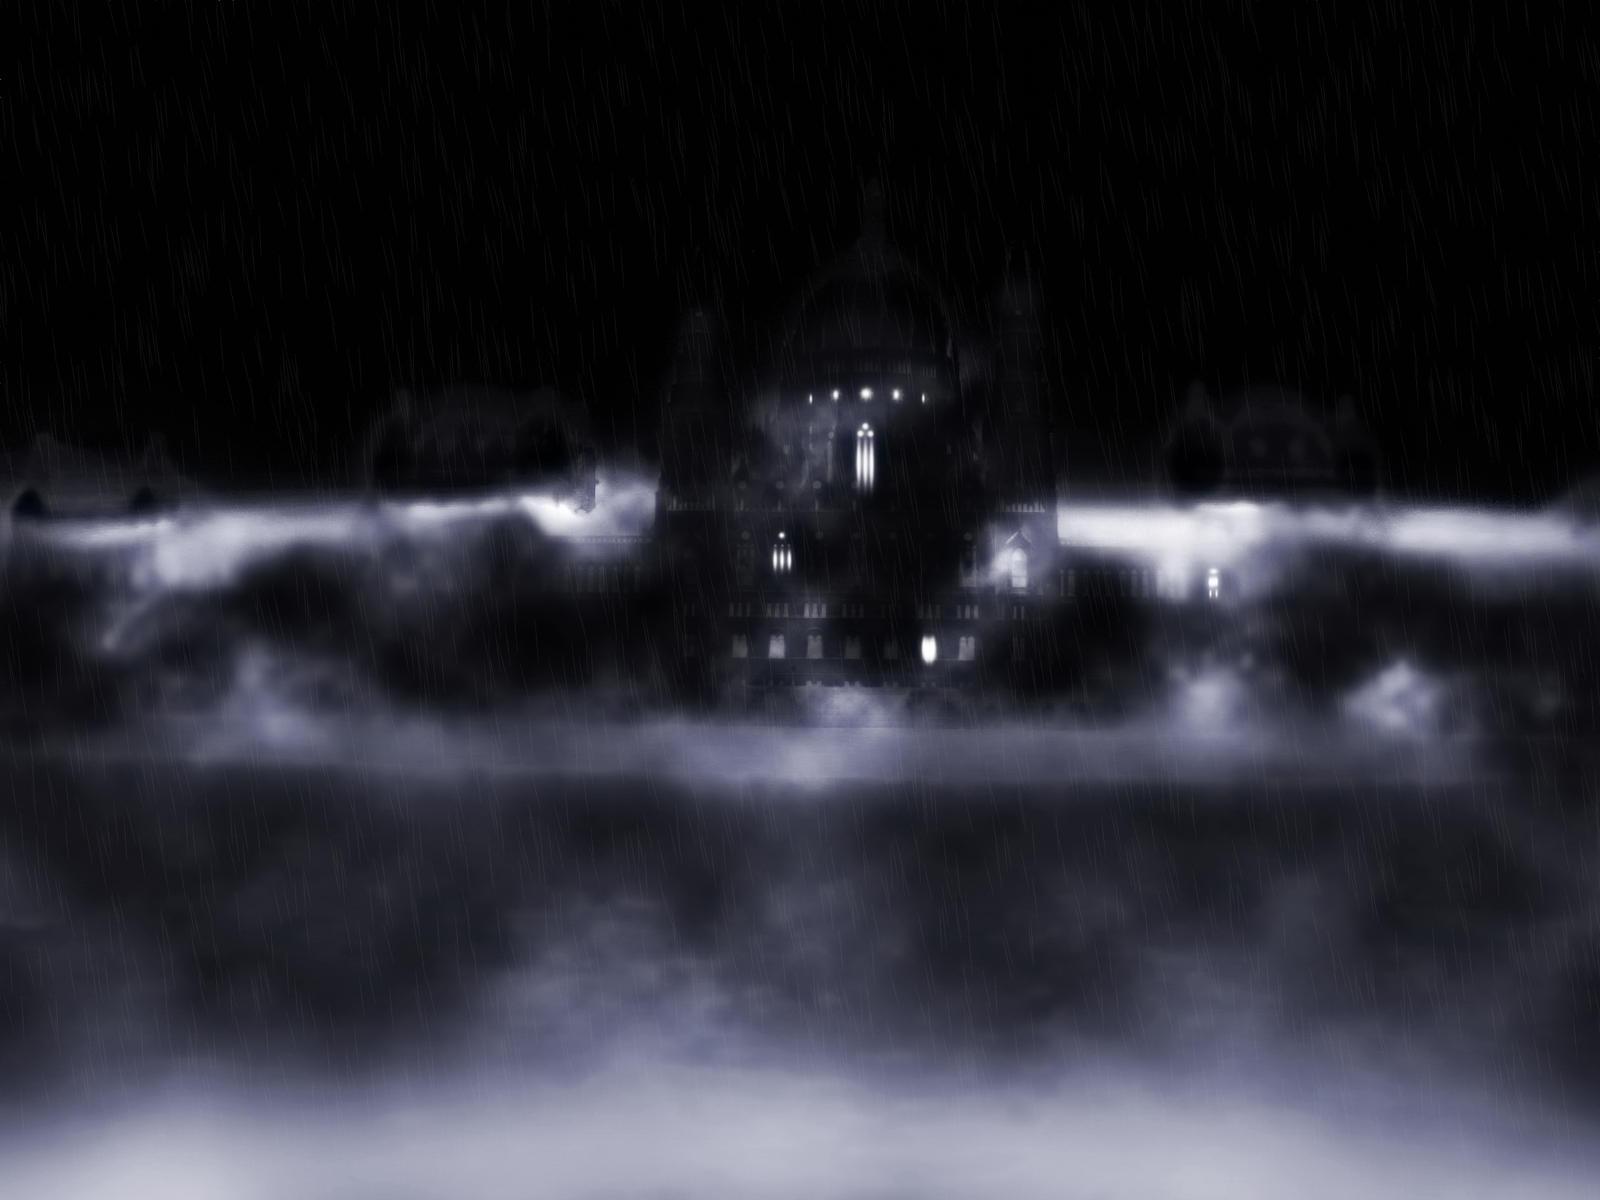 The Castle by P.R.O.T.O.T.Y.P.E.